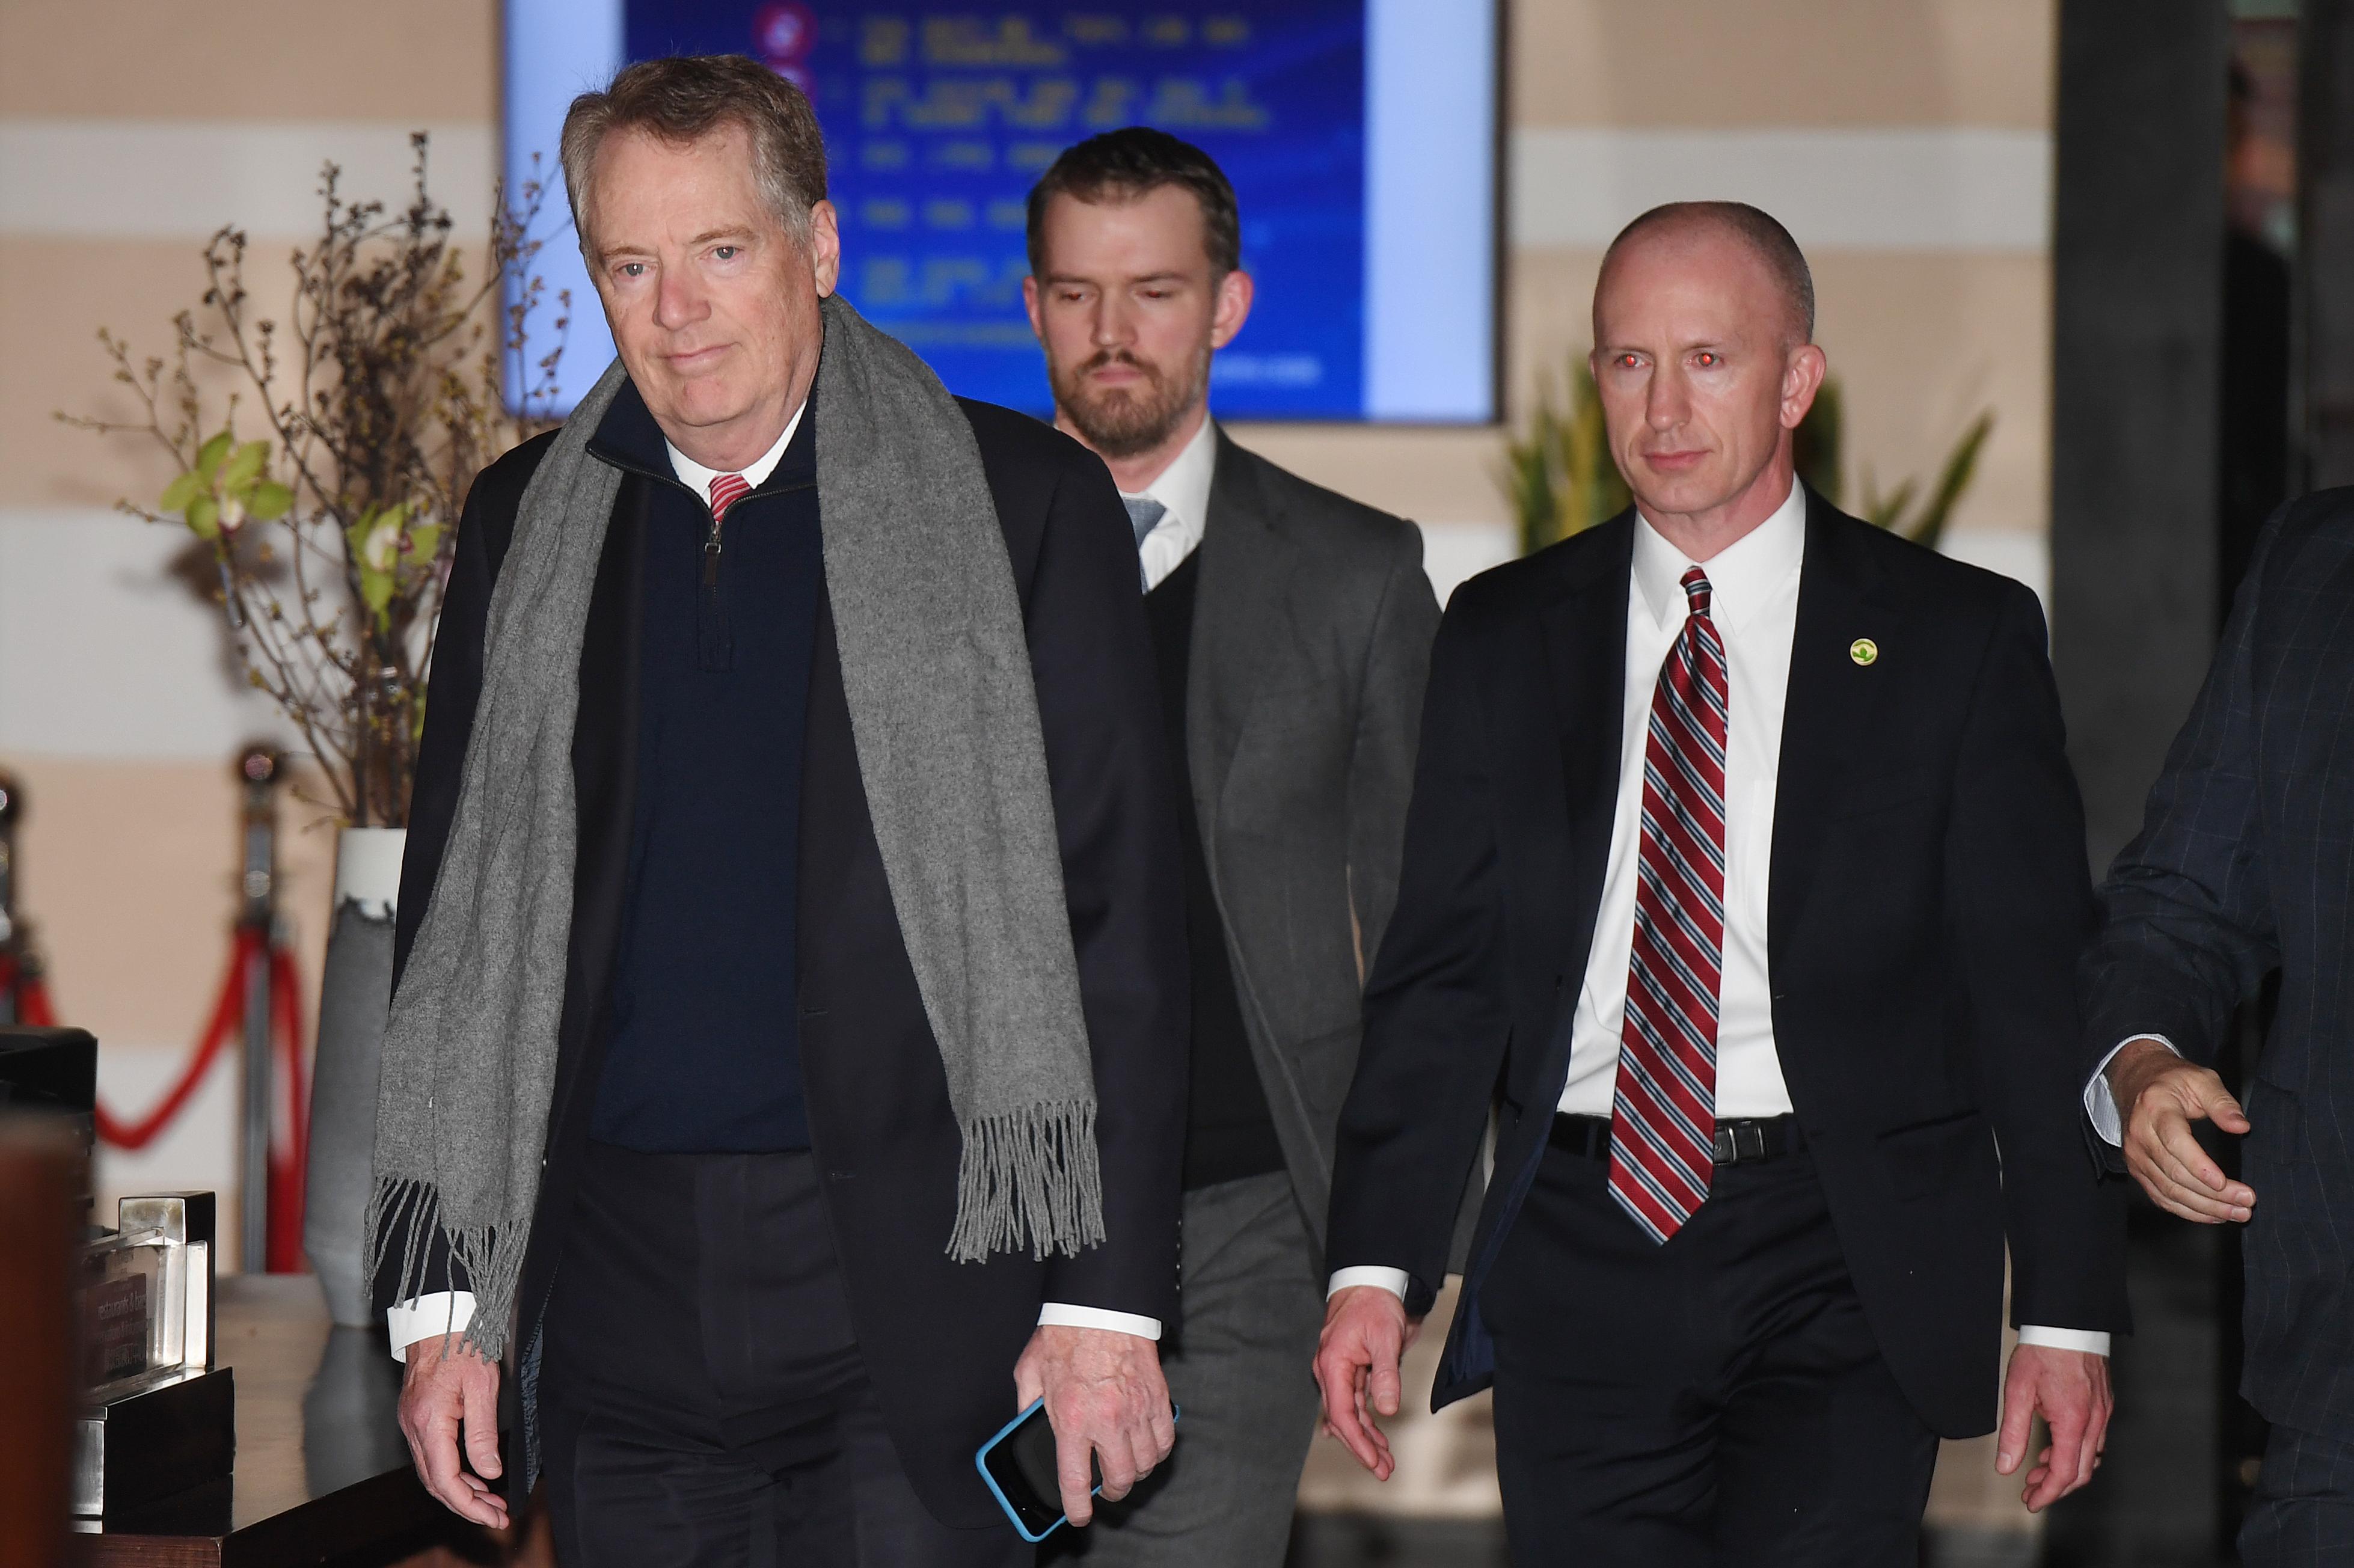 周四,美國貿易代表羅伯特‧萊特希澤(Robert Lighthizer,左一)和美國財政部長史蒂文‧梅努欽(Steven Mnuchin)率領美國談判代表,在北京與中共副總理劉鶴展開新一輪會談。(GREG BAKER/AFP)